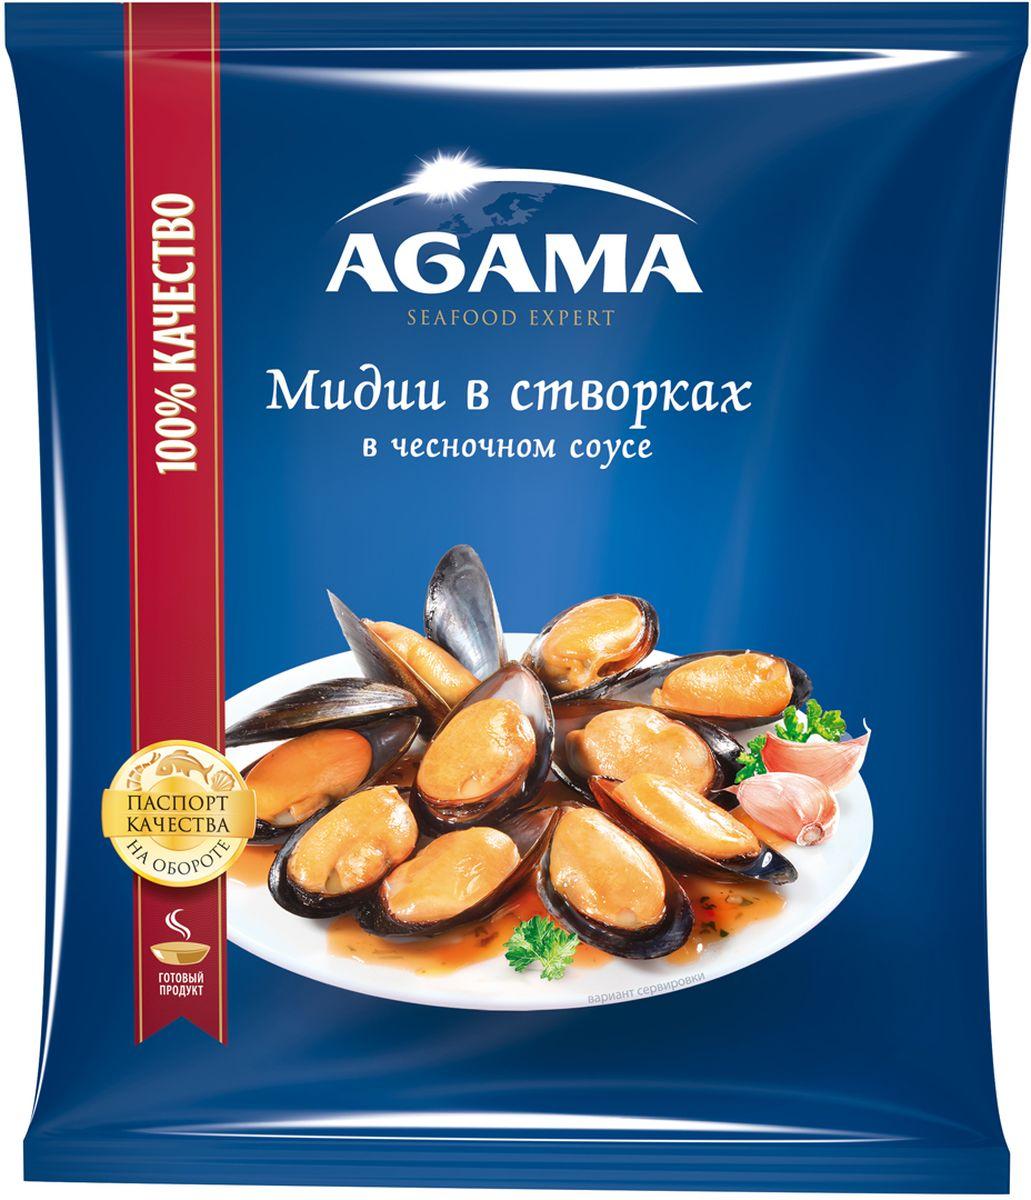 Agama Мидии в створках в чесночном соусе, варено-мороженые, 450 г70062761